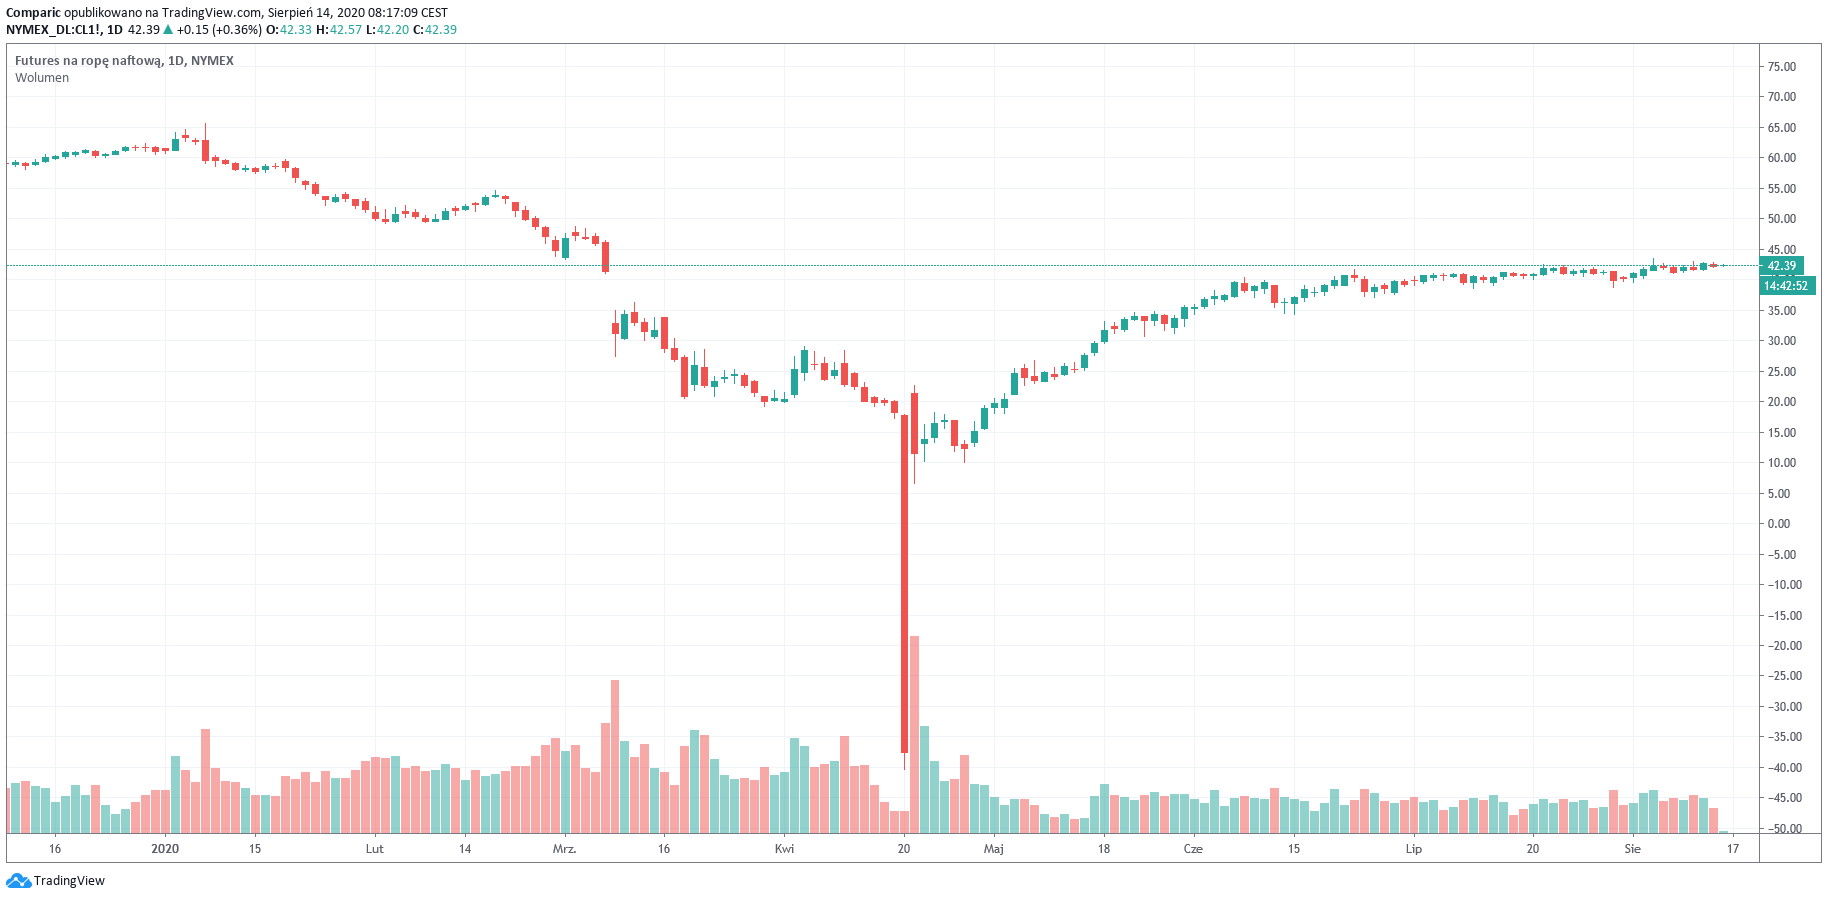 Ropa Brent w piątek rano przekracza 45 dol. za baryłkę zapowiadając spory tygodniowy wzrost ceny surowca